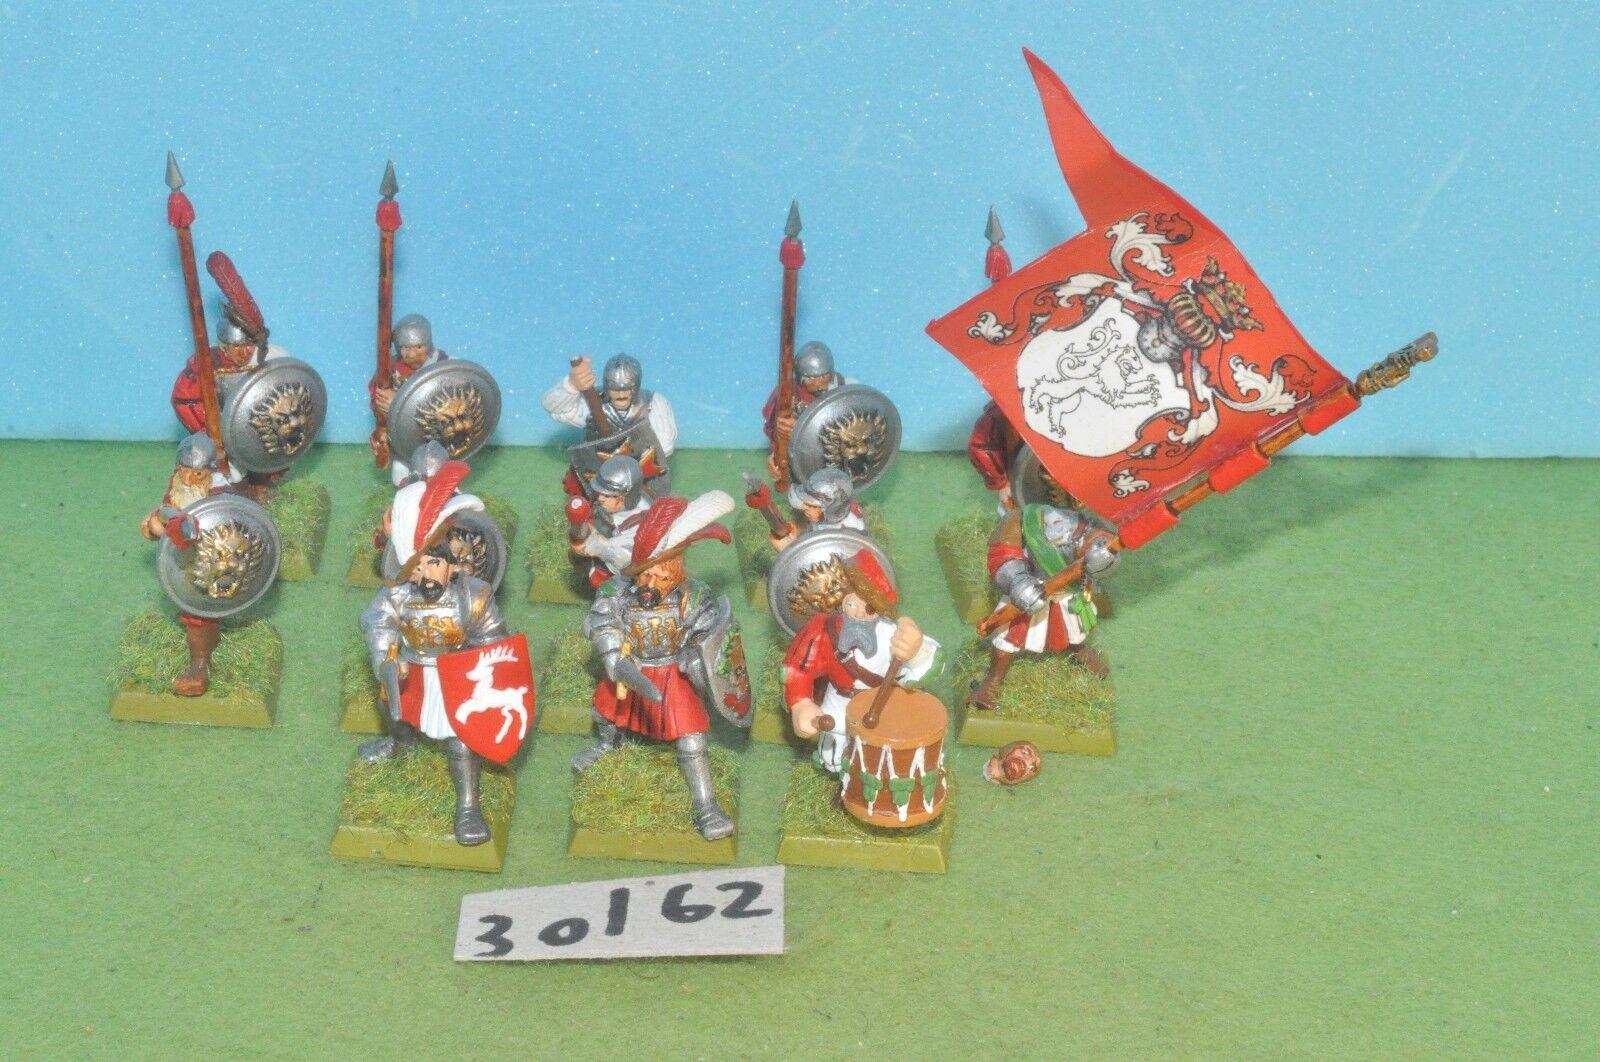 Empire spearmen pikemen 13 sigmar order fantasy (30162) warhammer